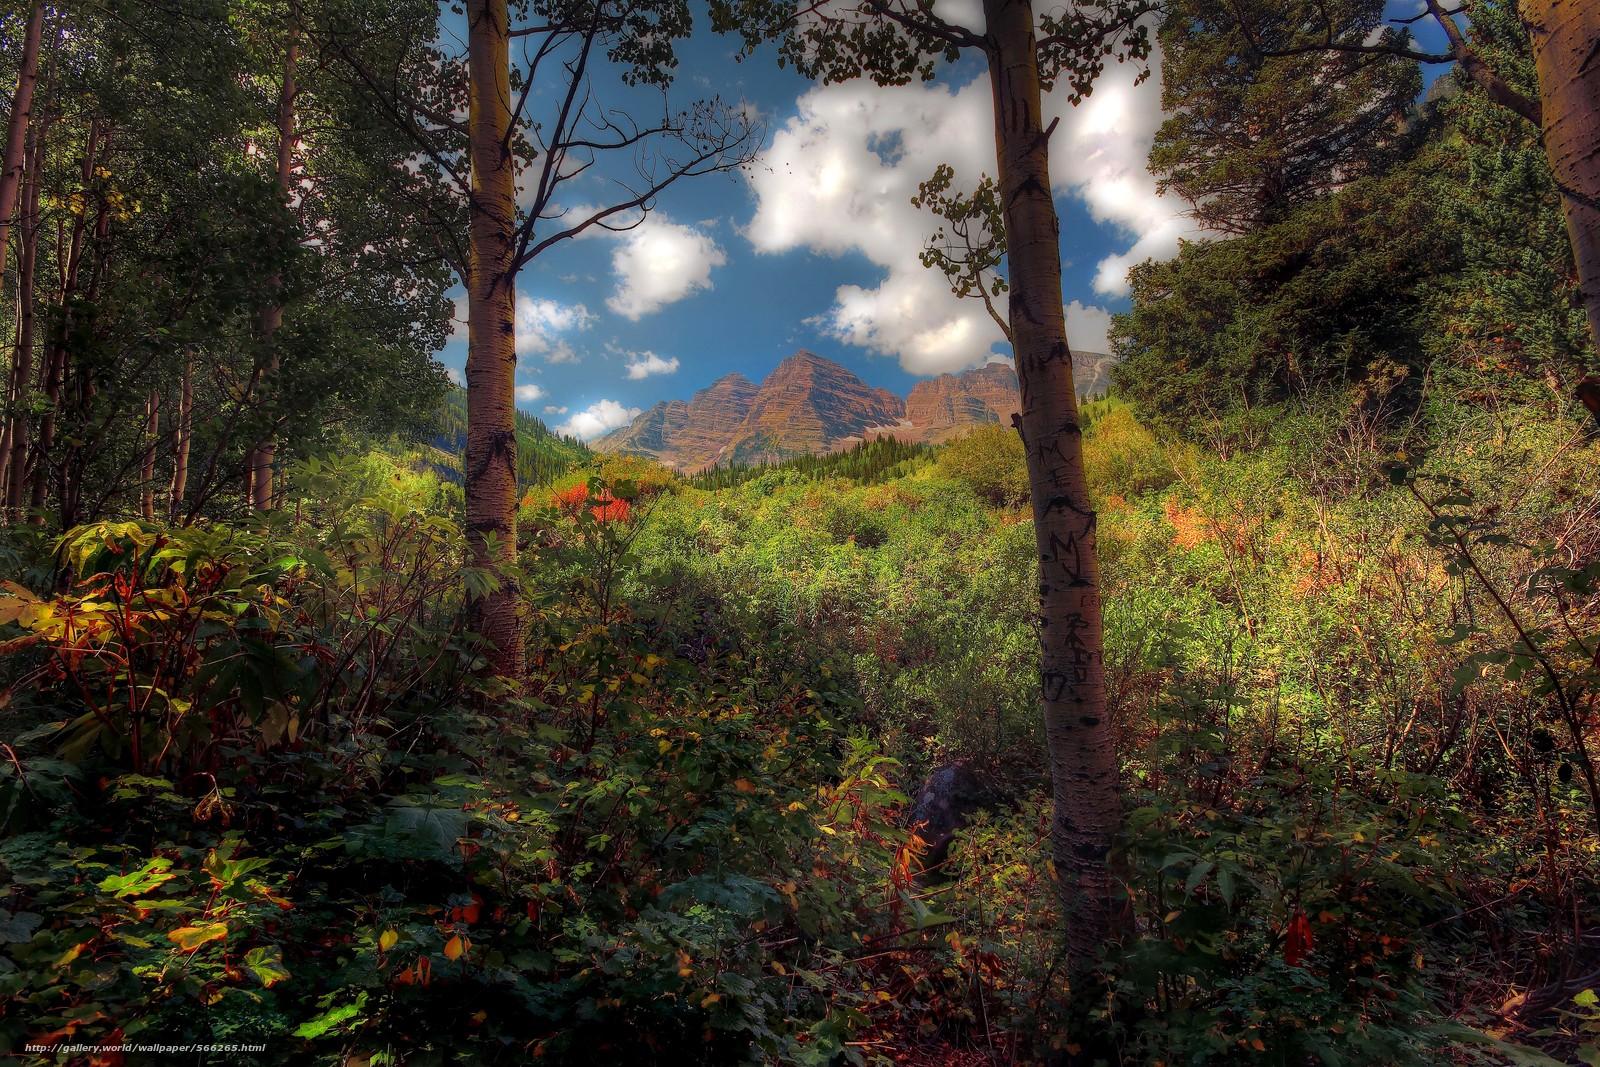 下载壁纸 森林,  树,  山,  天空 免费为您的桌面分辨率的壁纸 5183x3455 — 图片 №566265